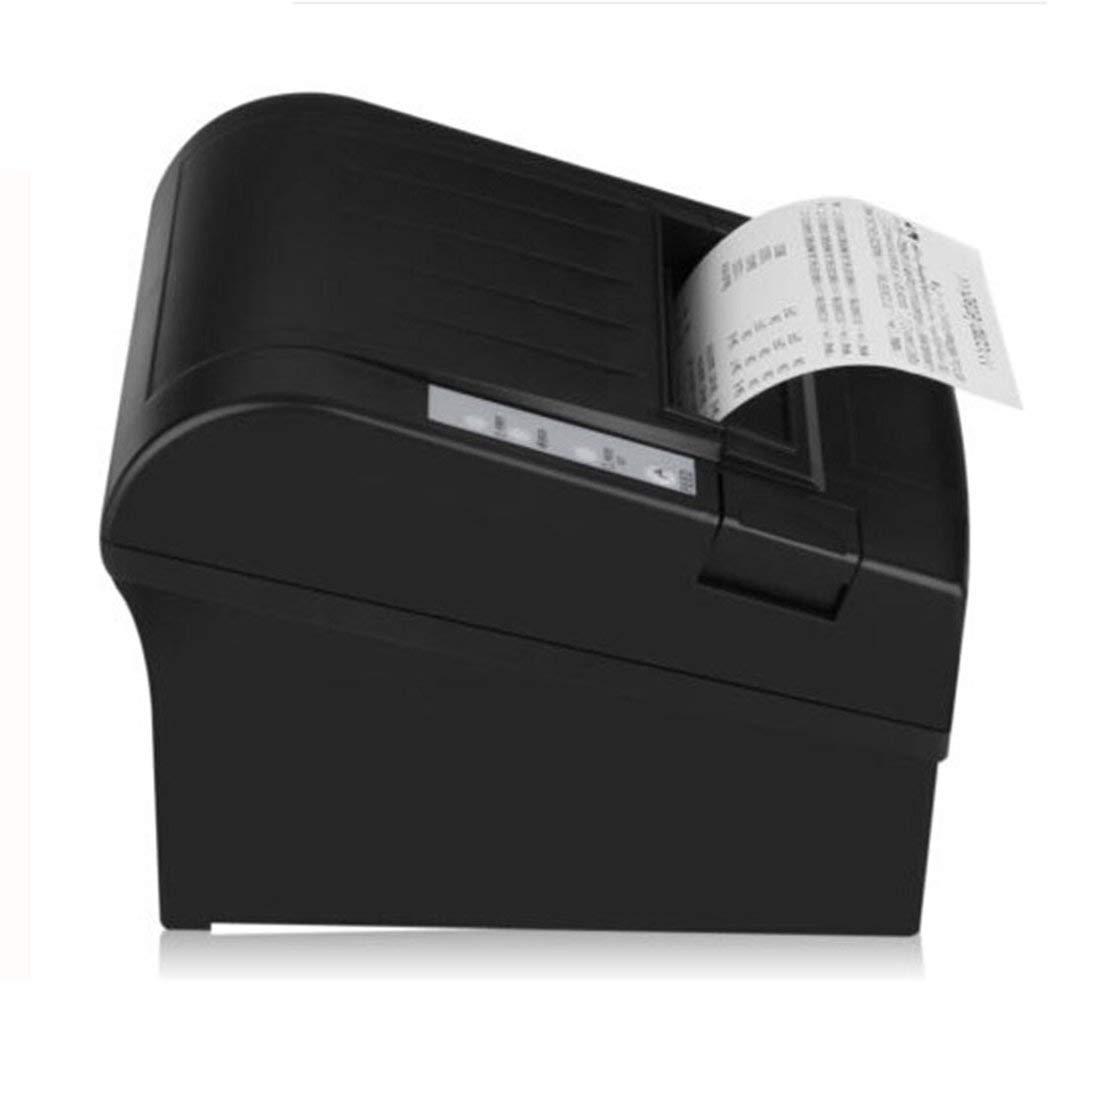 Taglierina automatica 80mm della stampante della ricevuta termica di posizione di WIFI POS-8220 portatile BlackPJenny